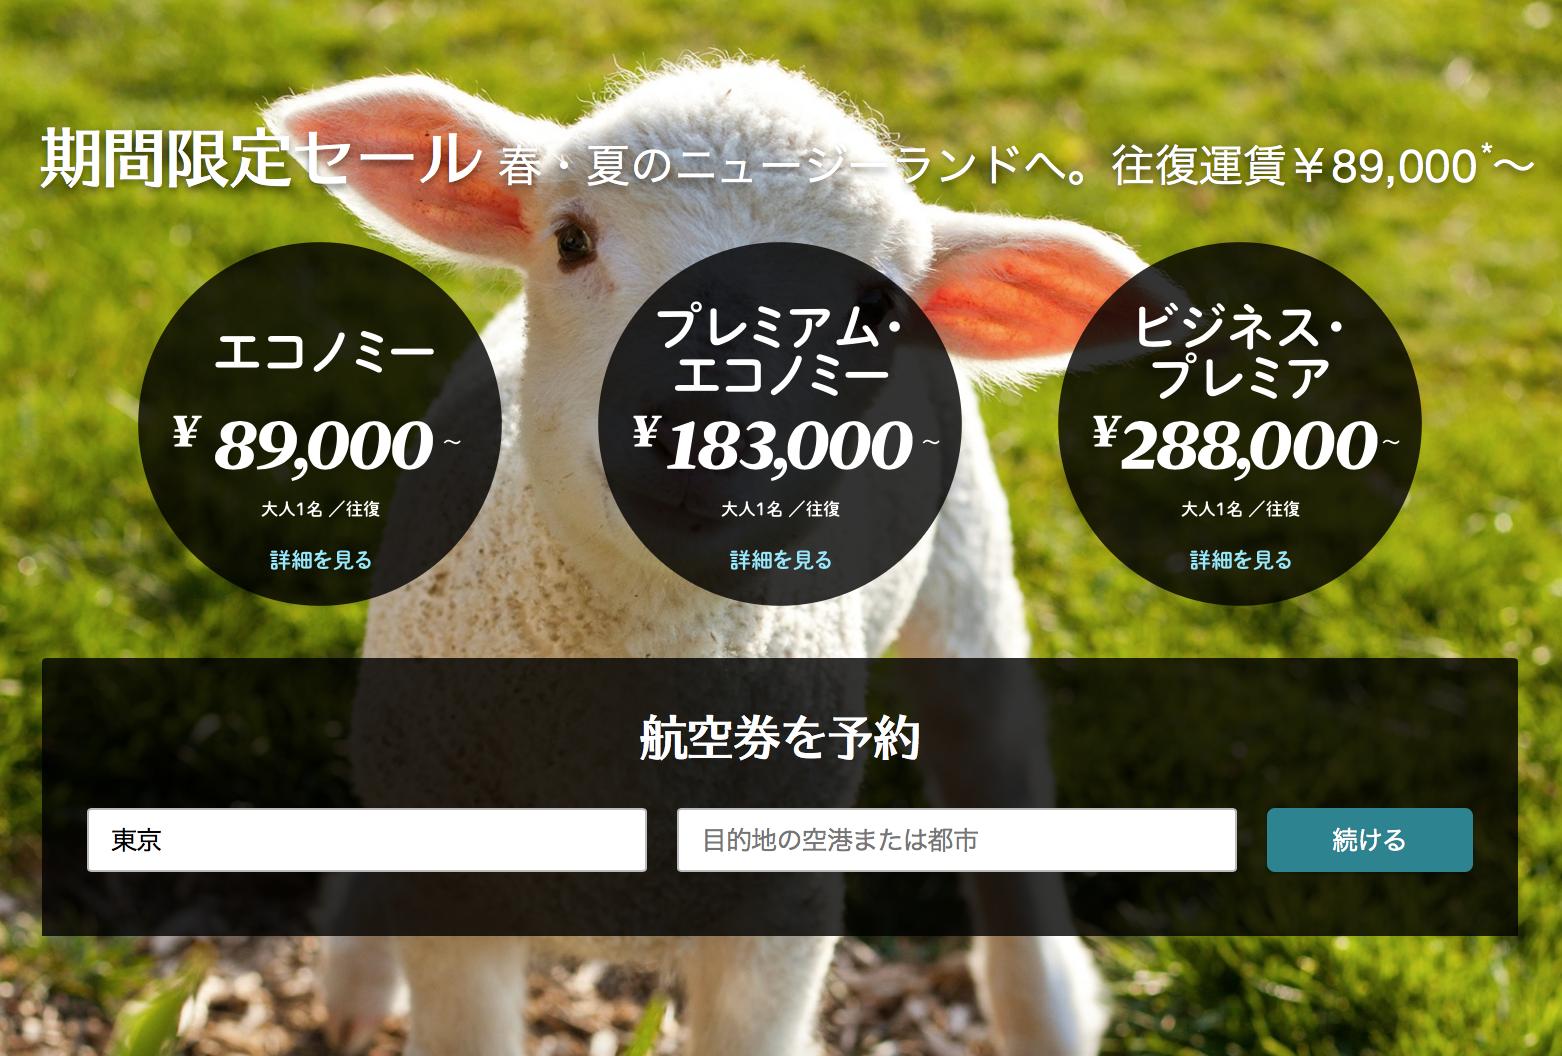 【2018年6月】ニュージーランド航空が往復8万9千円の運賃割引セールを開始!また、プラス千円で「スカイカウチ」に乗れるキャンペーン実施中!